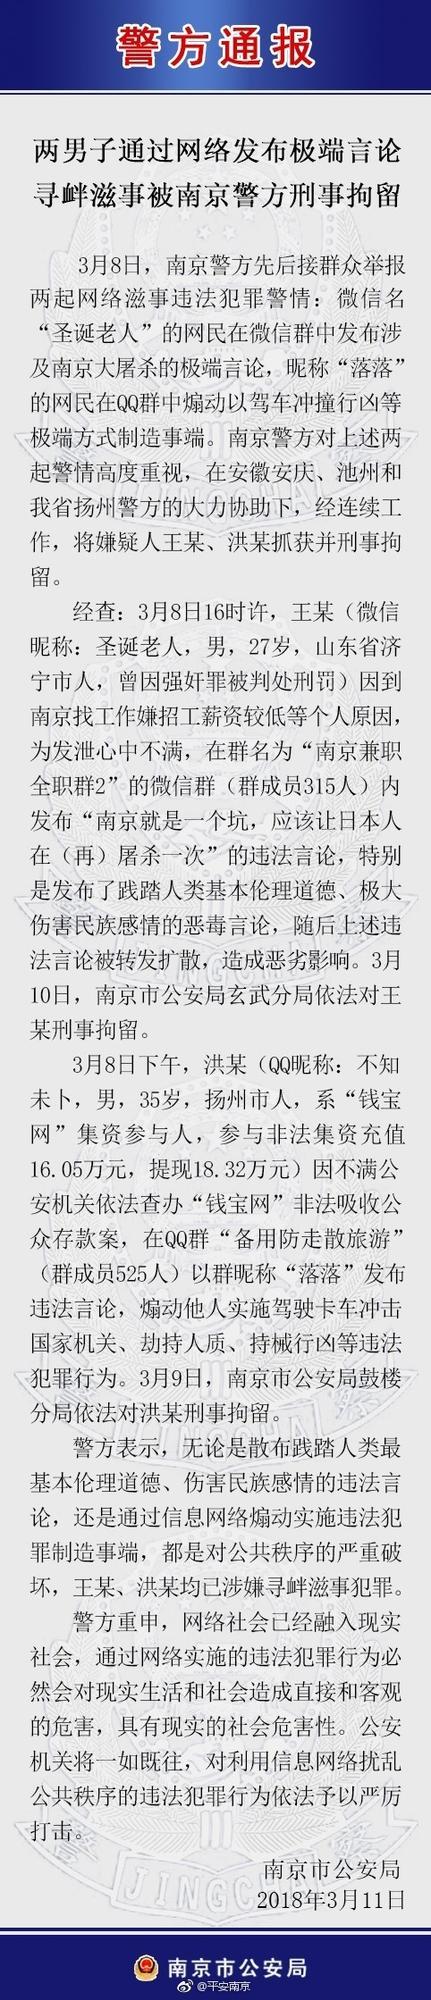 两男子发布极端言论被南京警方刑拘